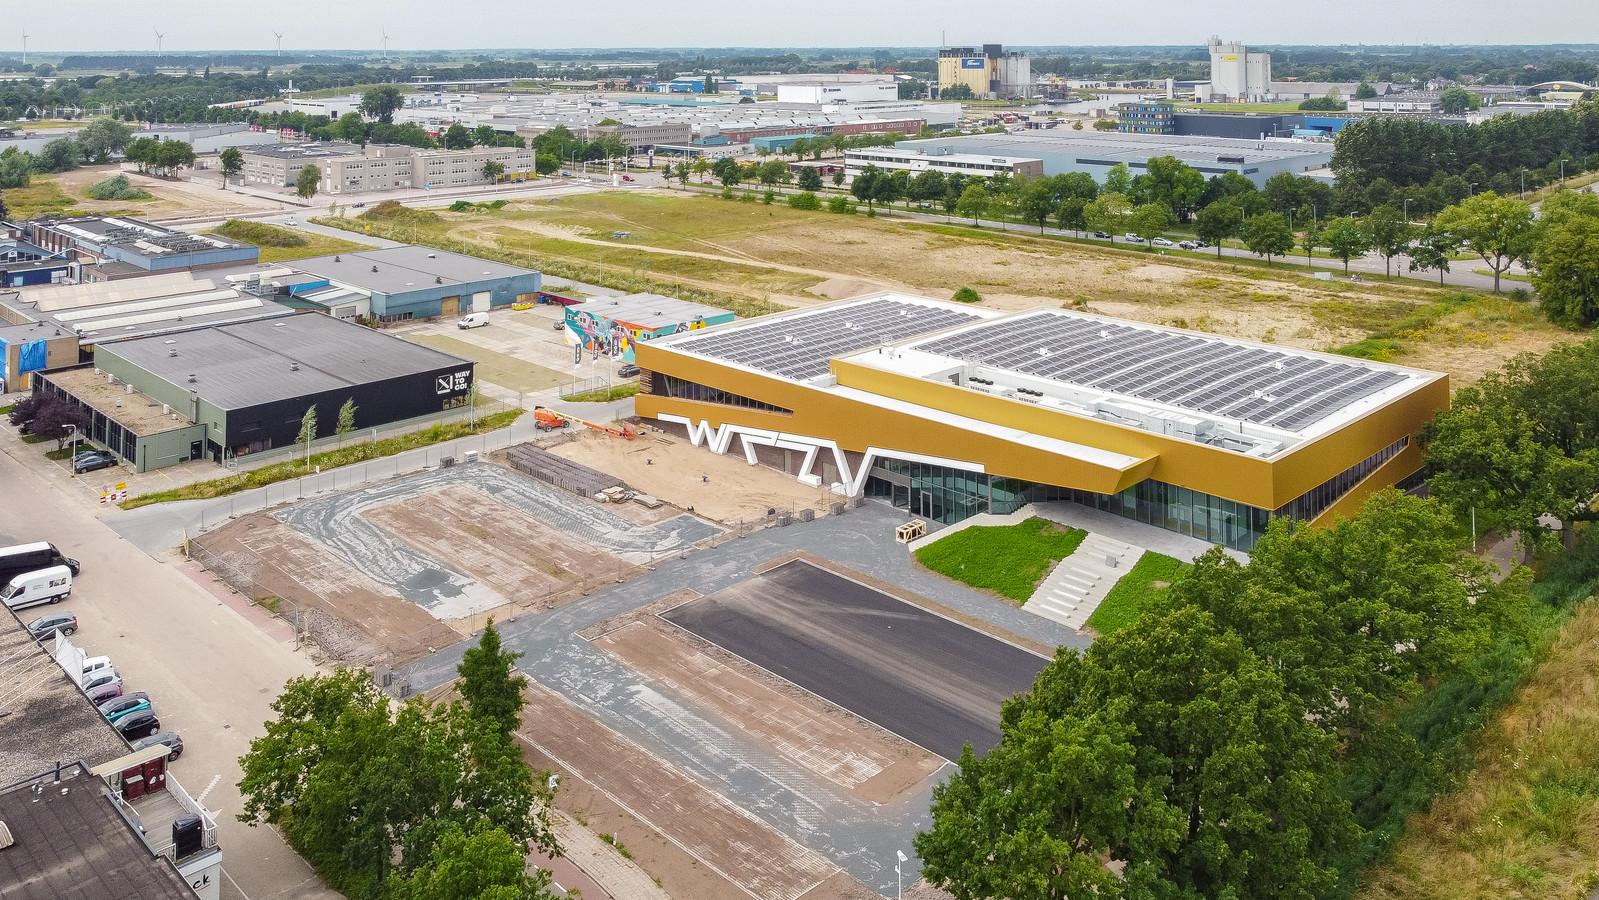 De nieuwe WRZV-hallen op bedrijventerrein Voorst. Op de achtergrond het nog braakliggende Beers-terrein en de Veldbiezenweg waar vervuilde grond aangetroffen is.